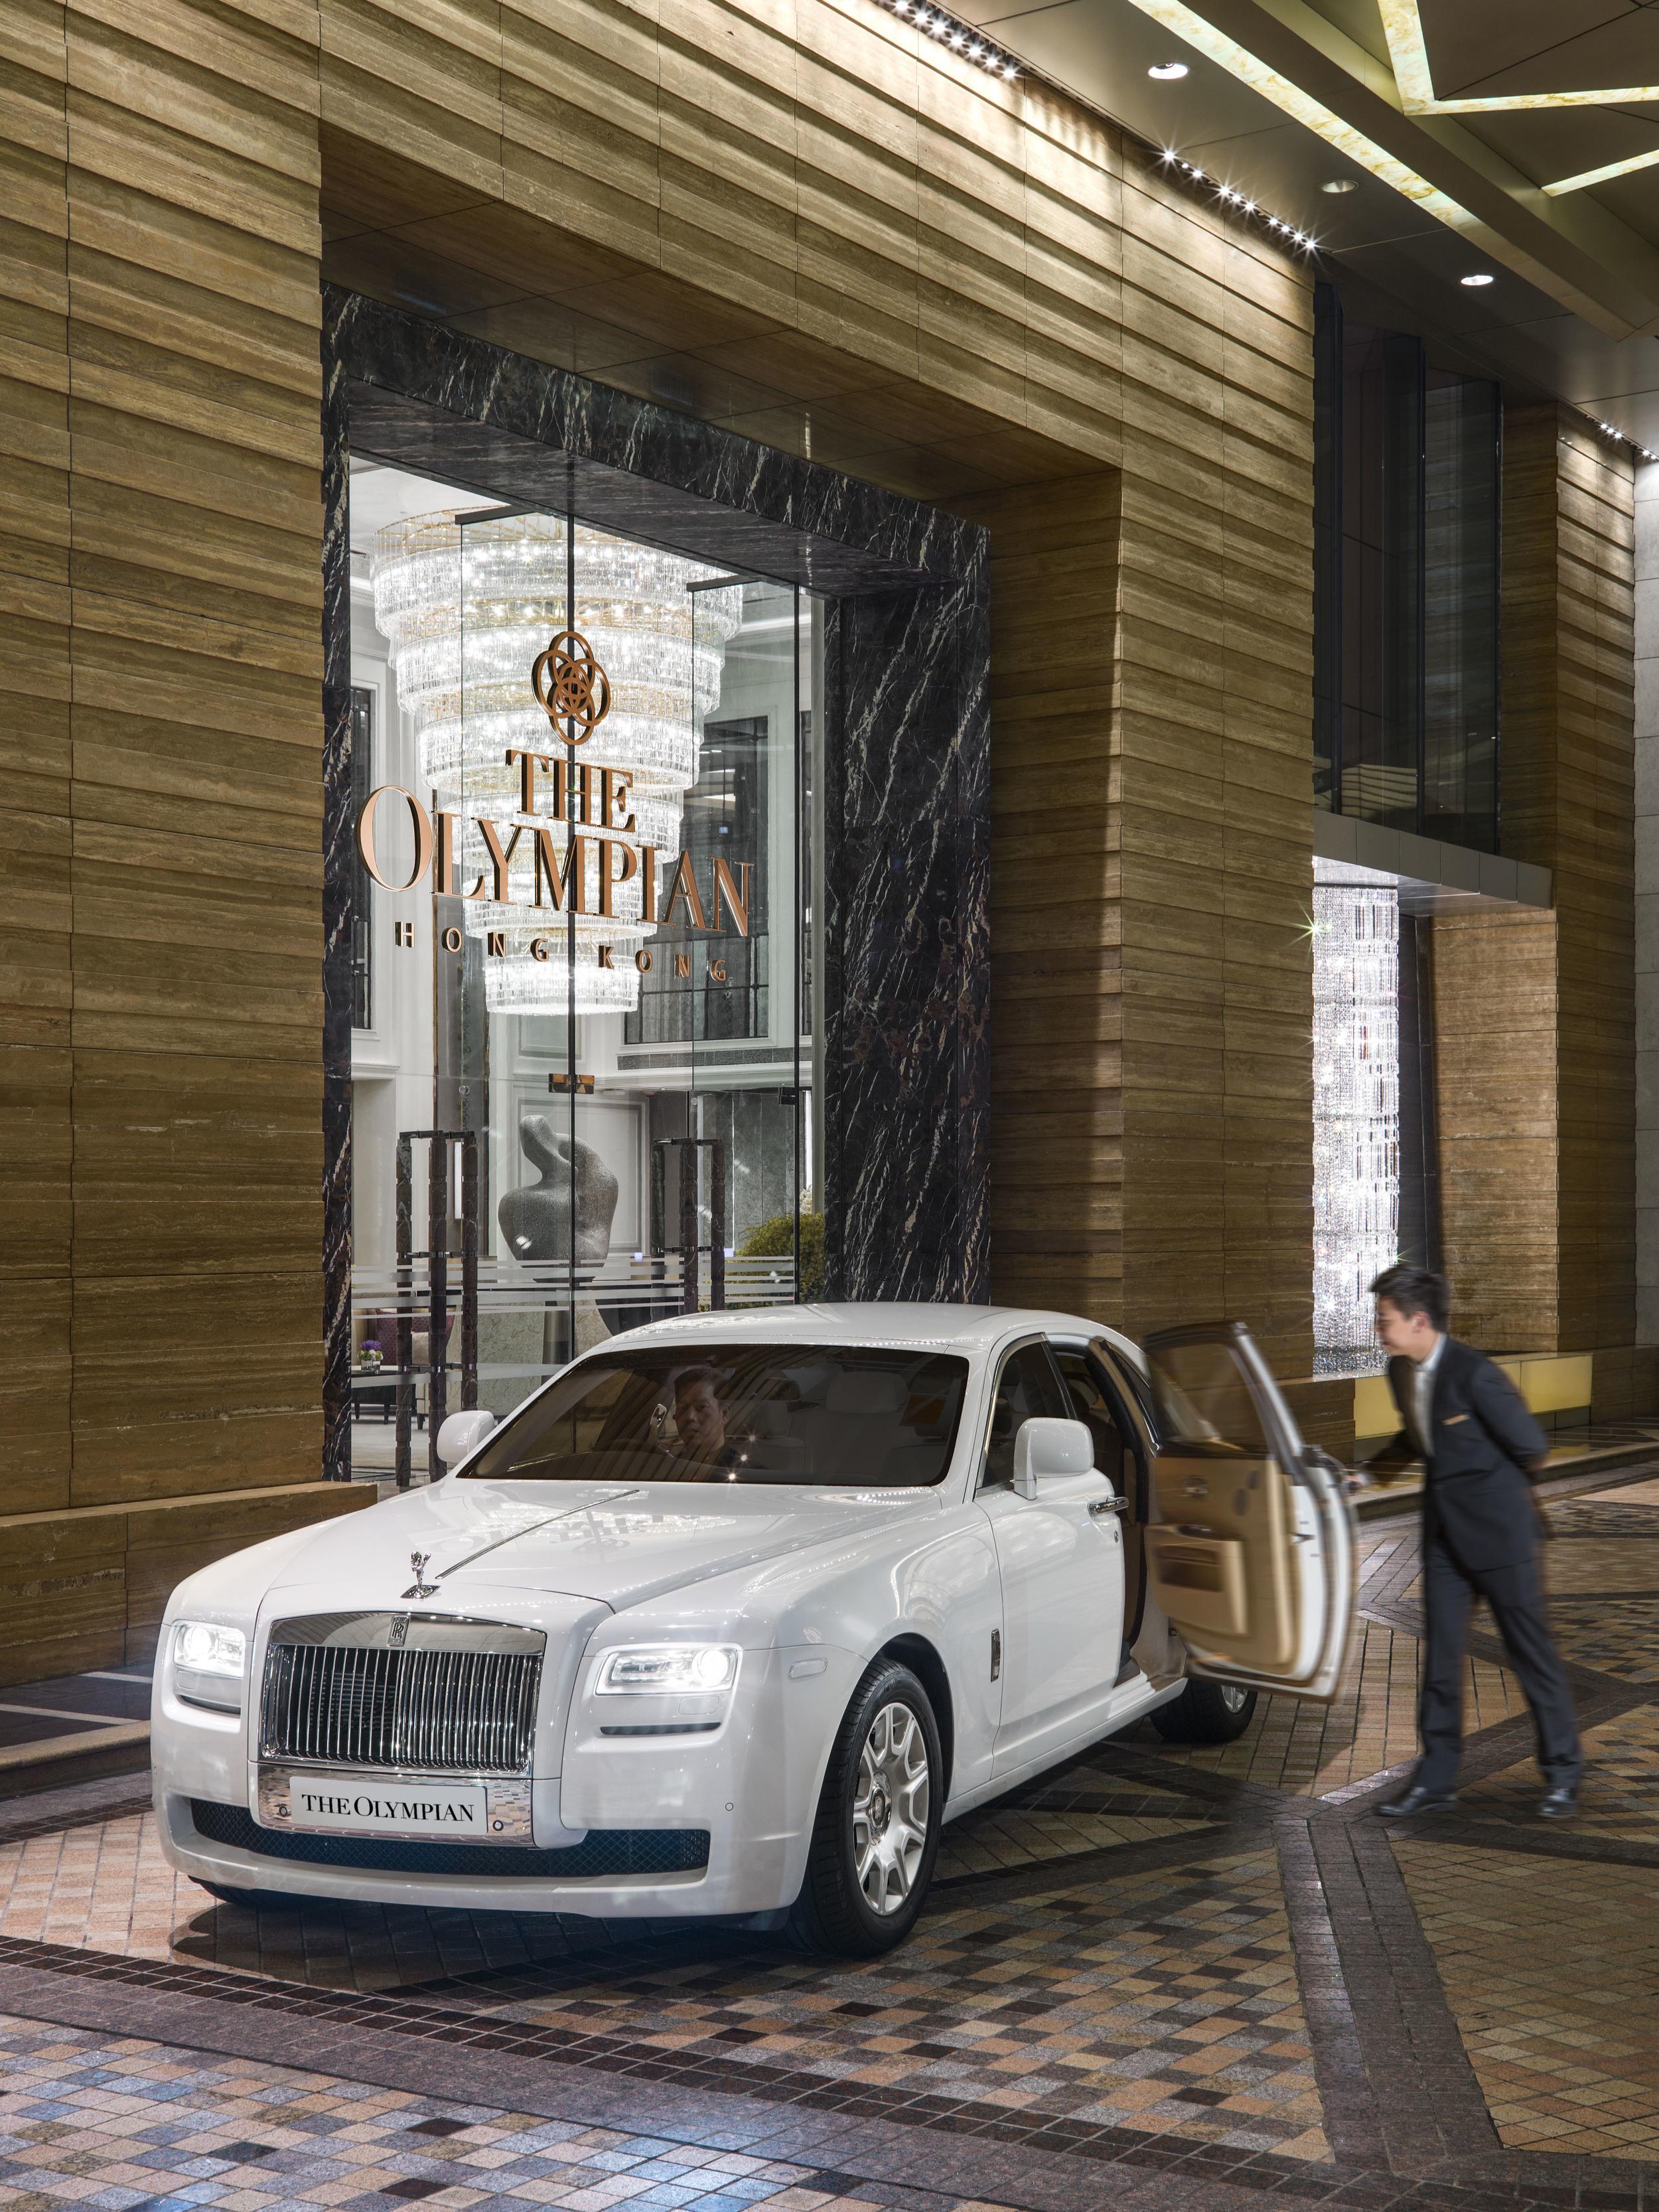 Chauffeured Rolls Royce